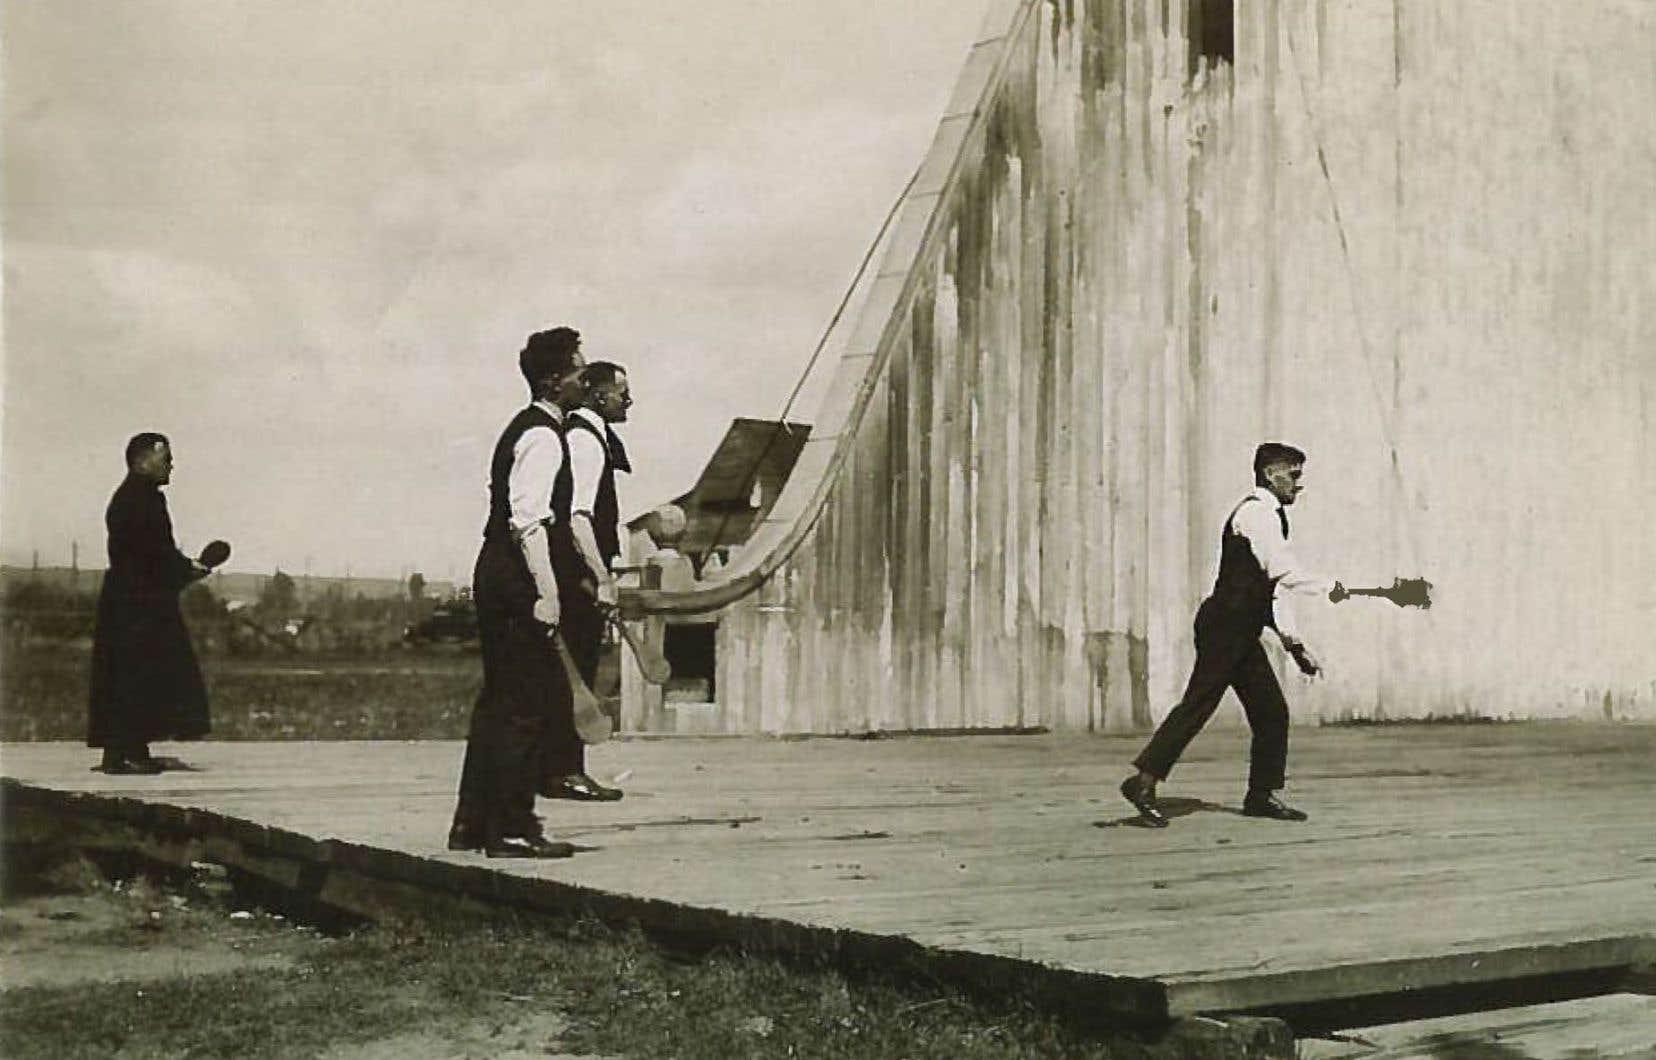 La balle au mur est pratiquée passionnément par les élèves des collèges classiques du Canada français, comme le montre cette très rare image croquée au début du XXe siècle.